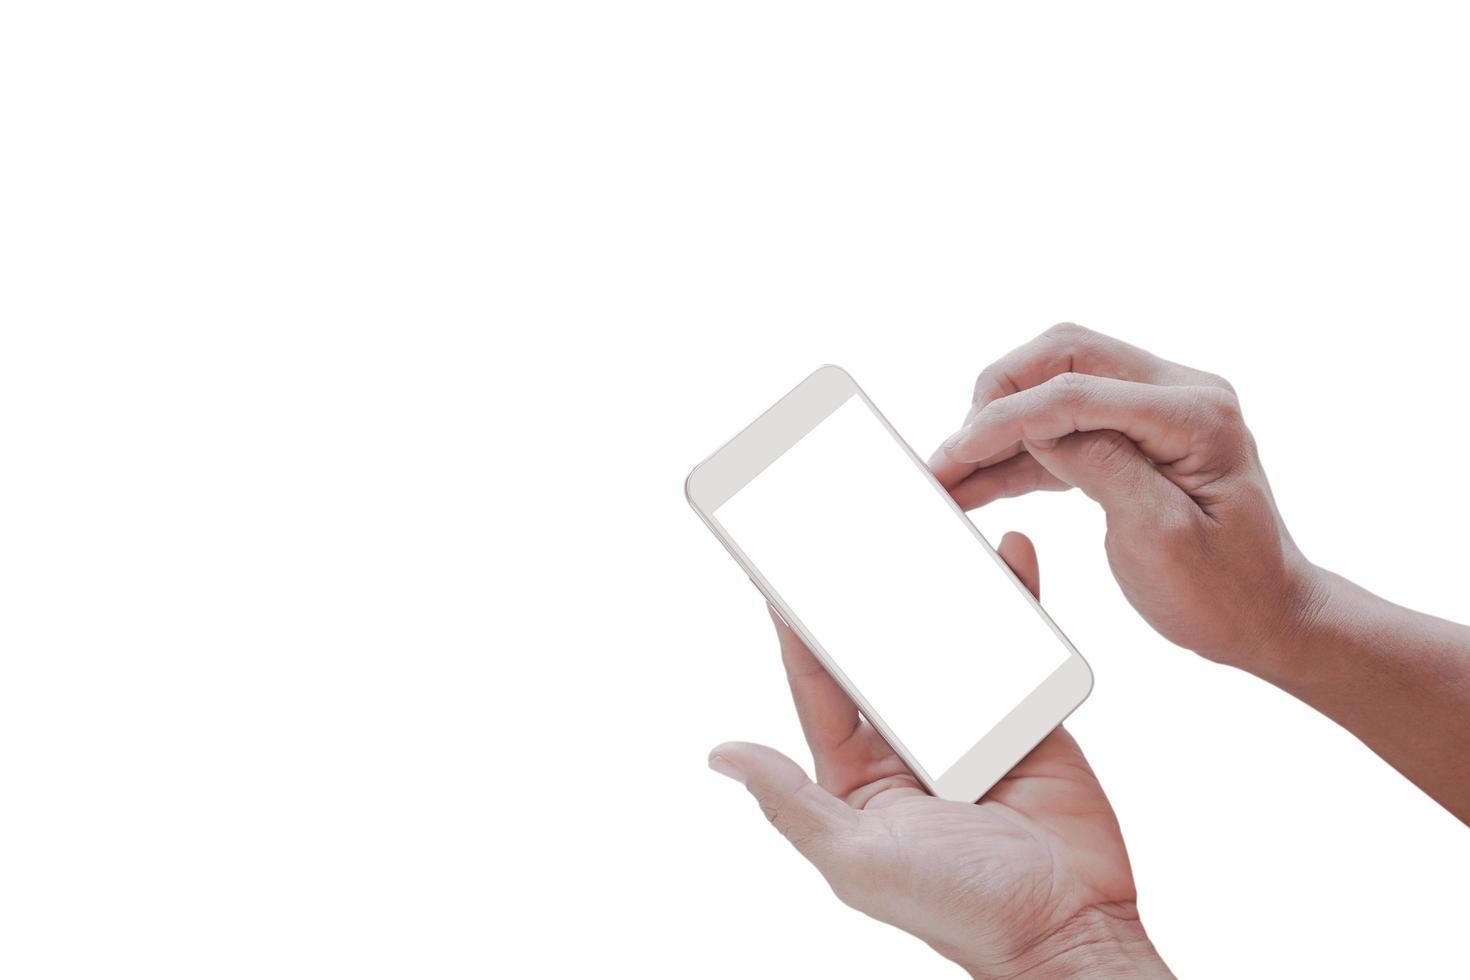 maquette d & # 39; un téléphone portable à écran blanc vierge photo